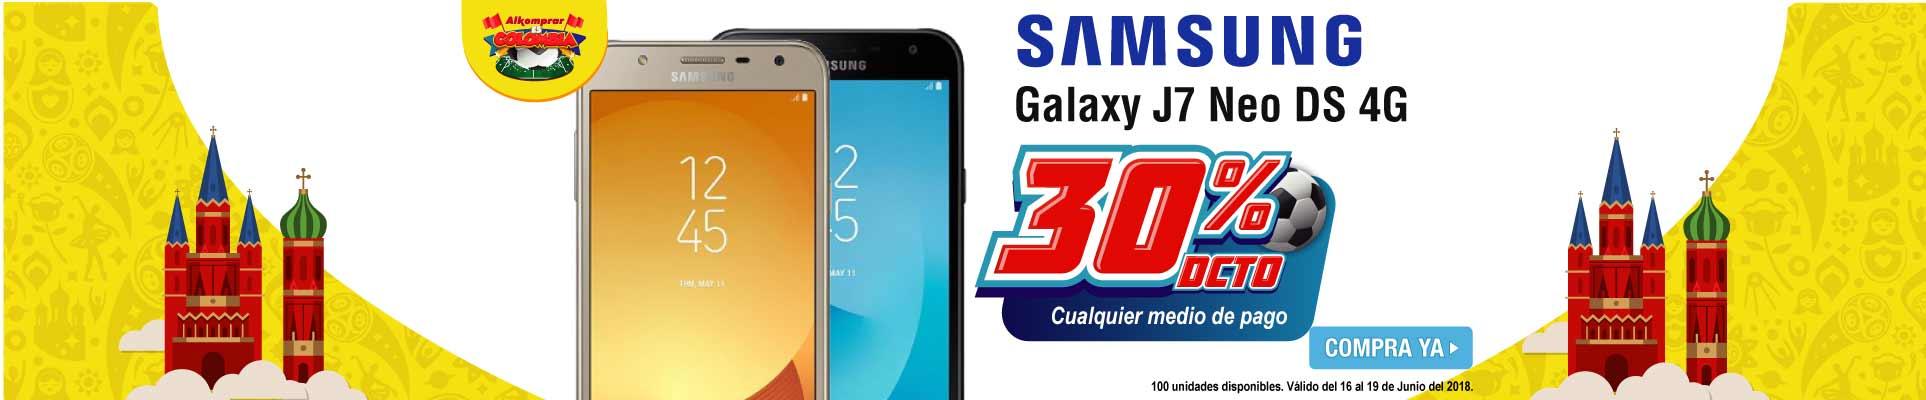 PPAL ALKP-2-celulares-Celular Libre SAMSUNG Galaxy J7 Neo DS 4G-prod-Junio16-19